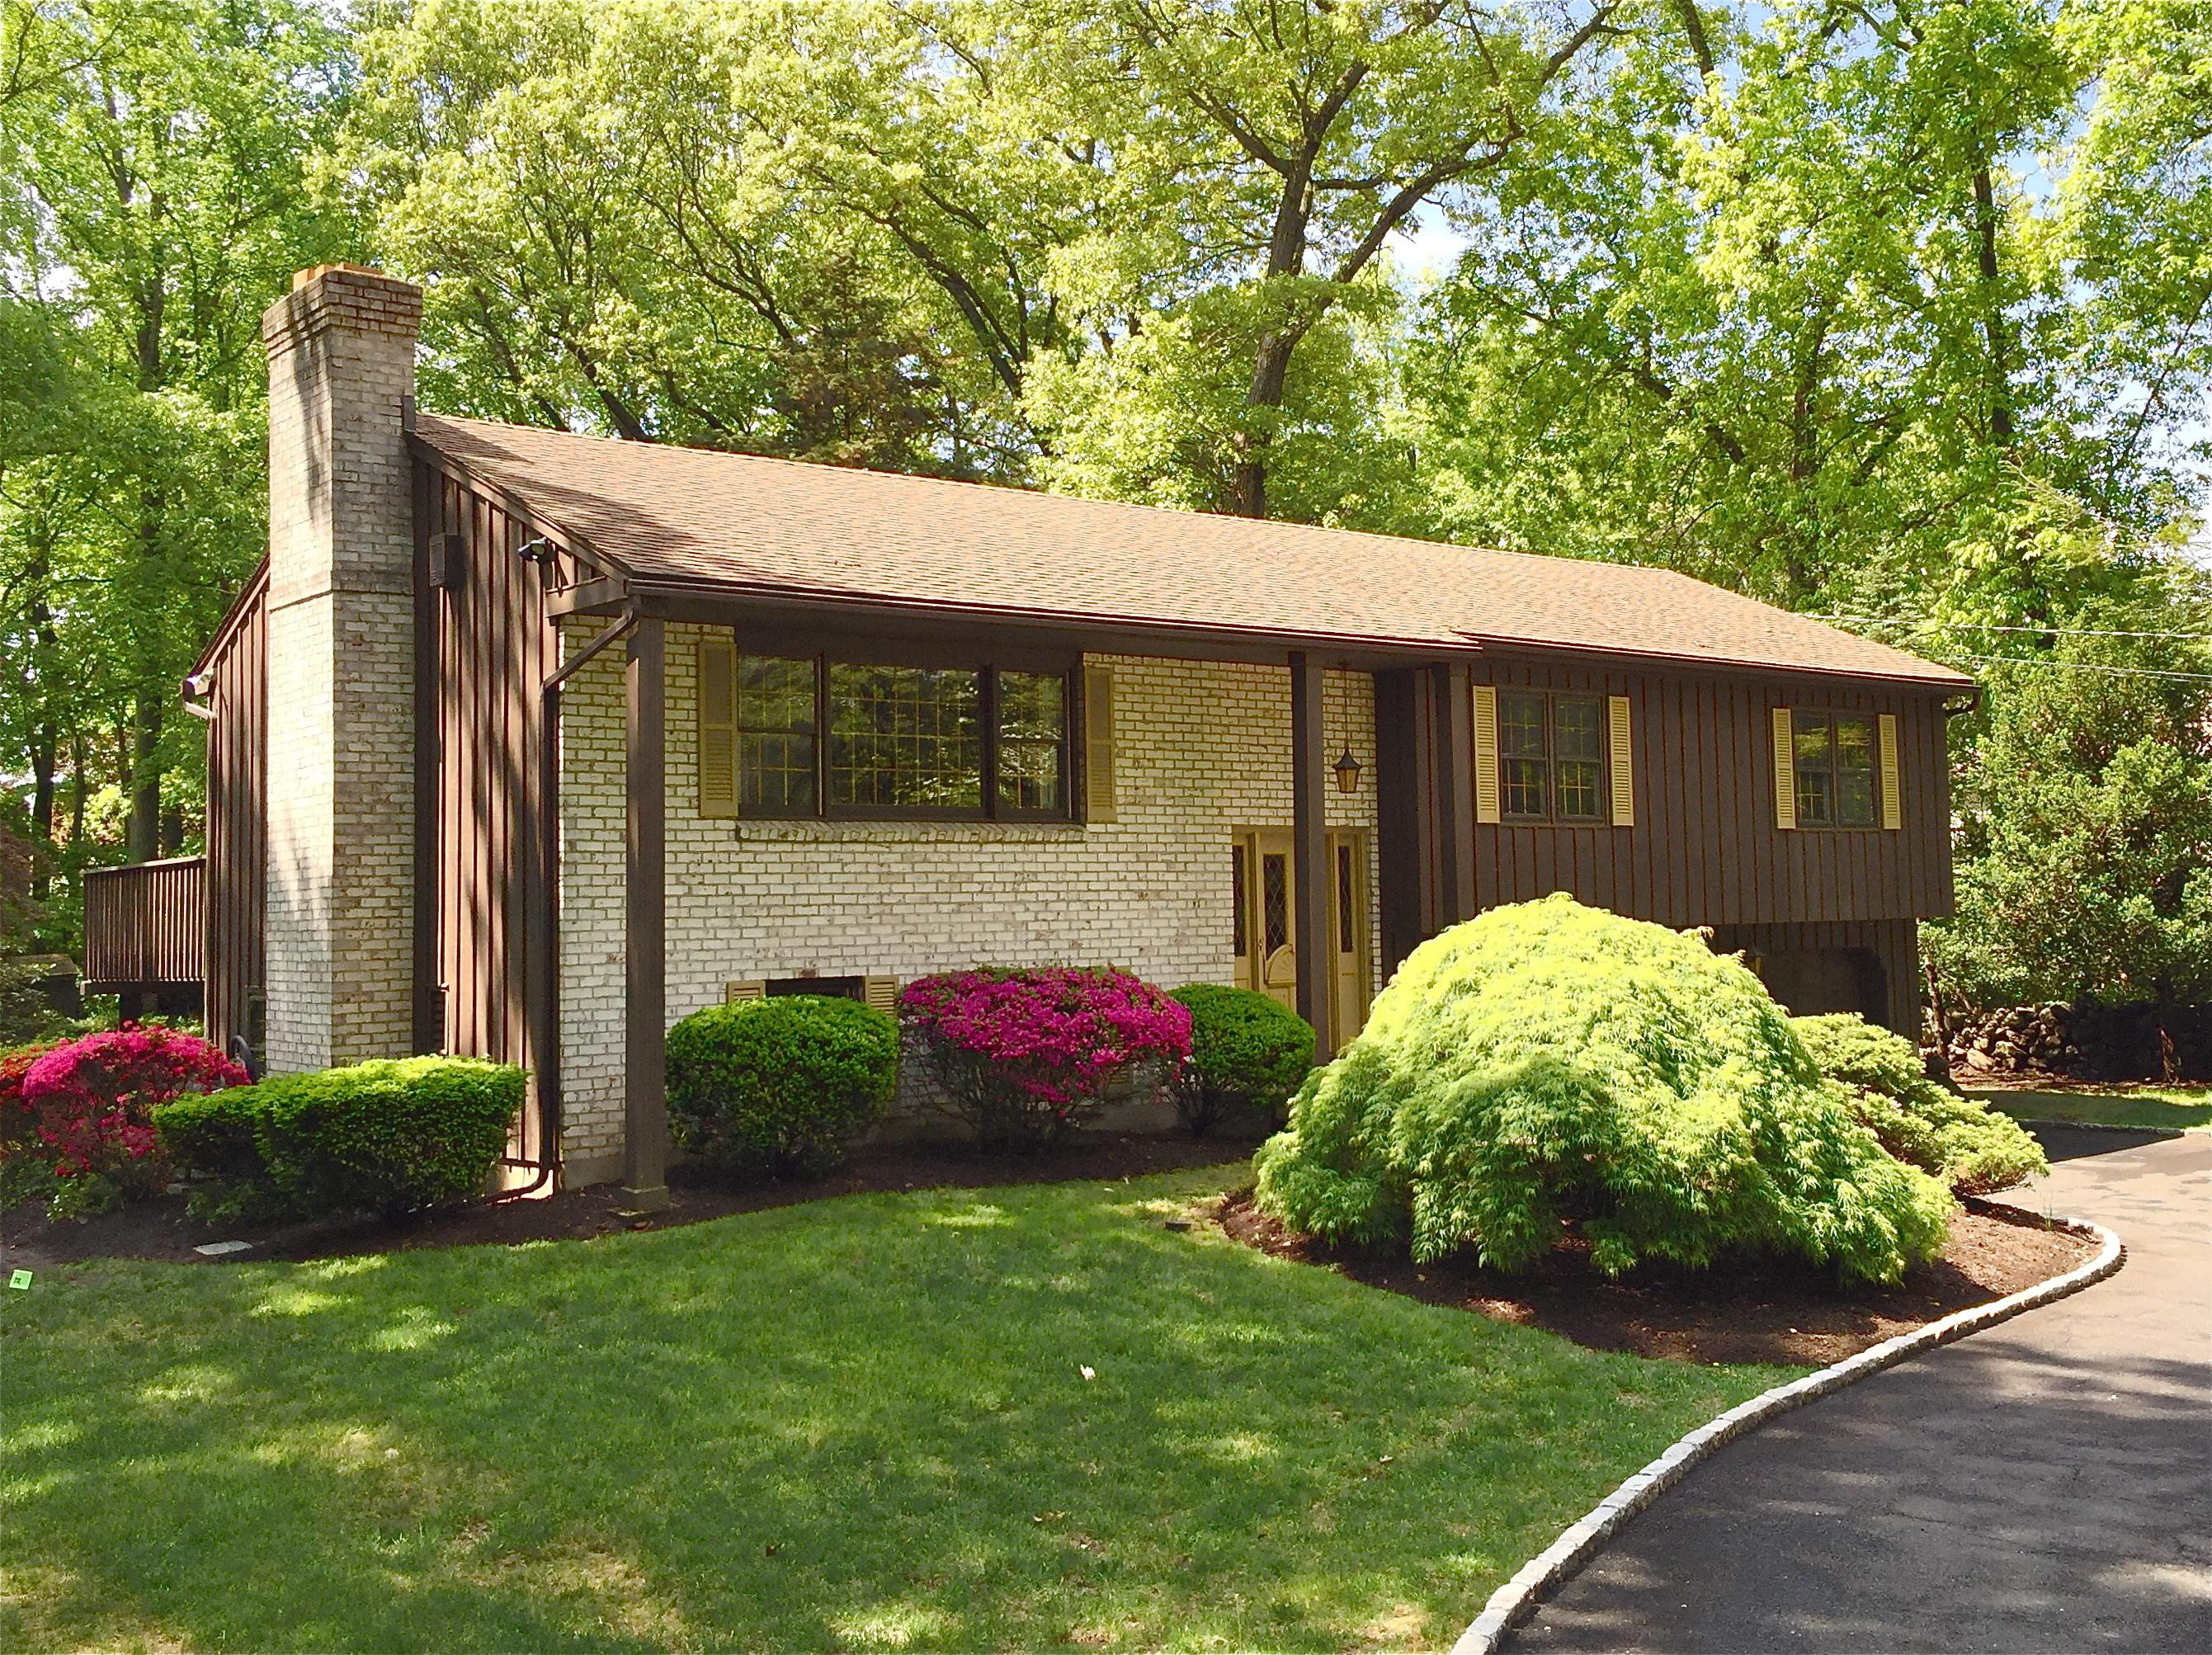 Частный односемейный дом для того Продажа на 5 Butternut Lane Norwalk, Коннектикут 06851 Соединенные Штаты